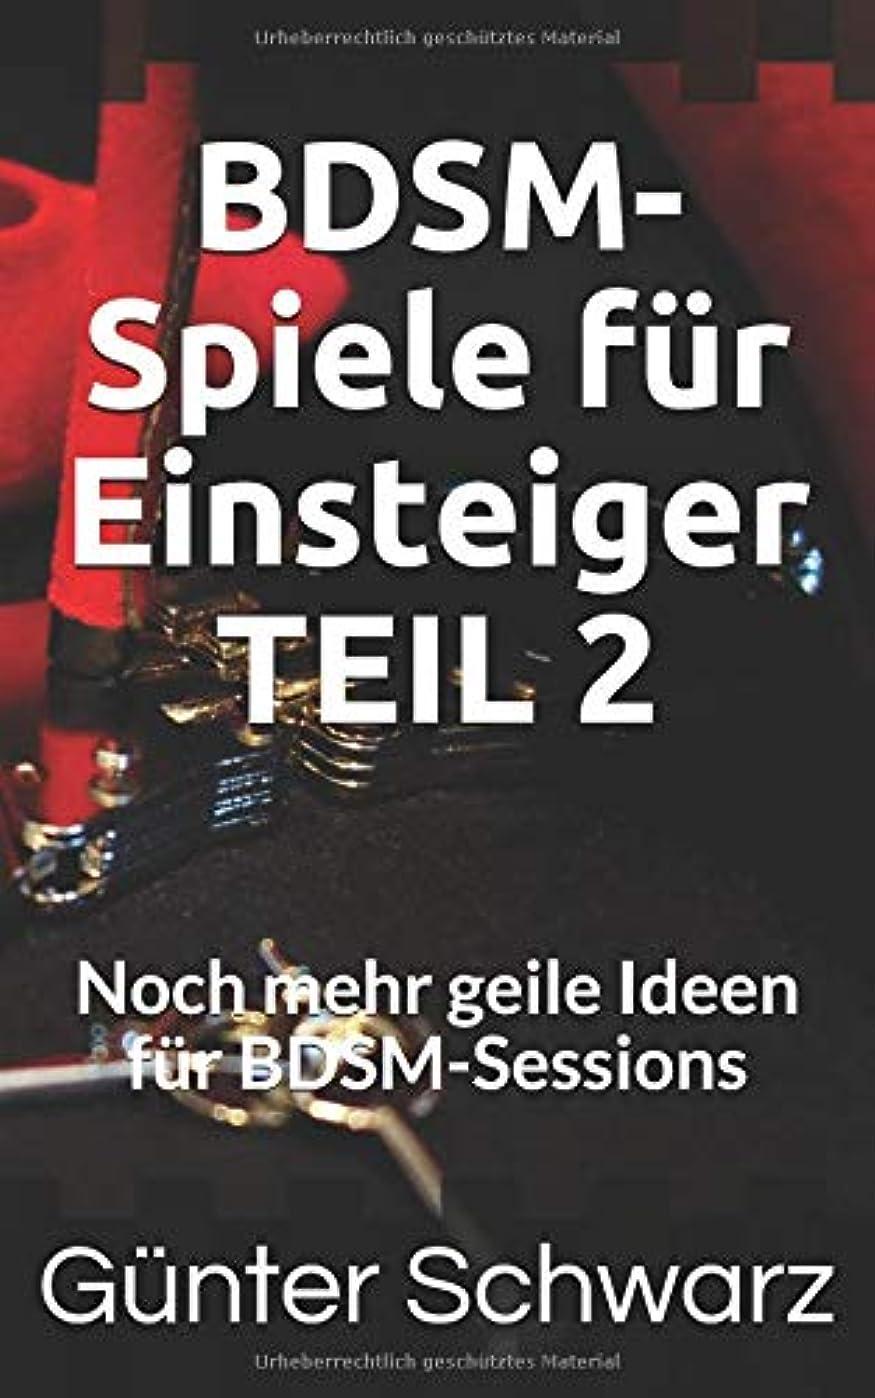 登録するライオンヨーグルトBDSM-Spiele fuer Einsteiger TEIL 2: Noch mehr geile Ideen fuer BDSM-Sessions